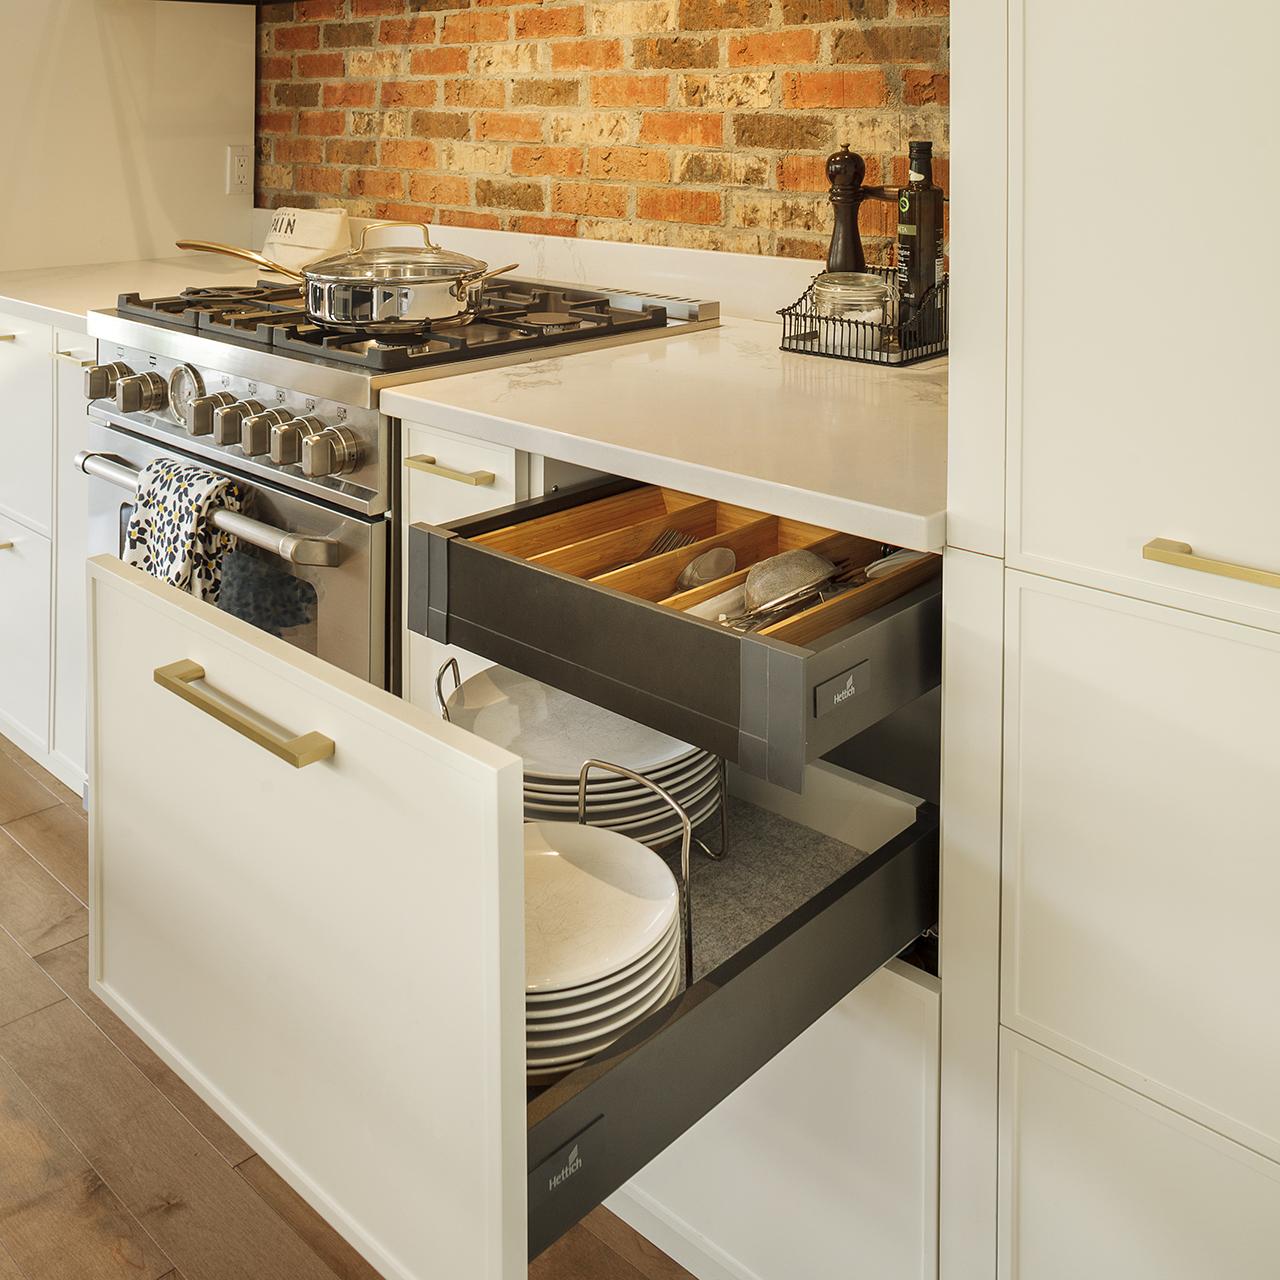 tiroirs cachés rangement optimisé armoires cuisines action